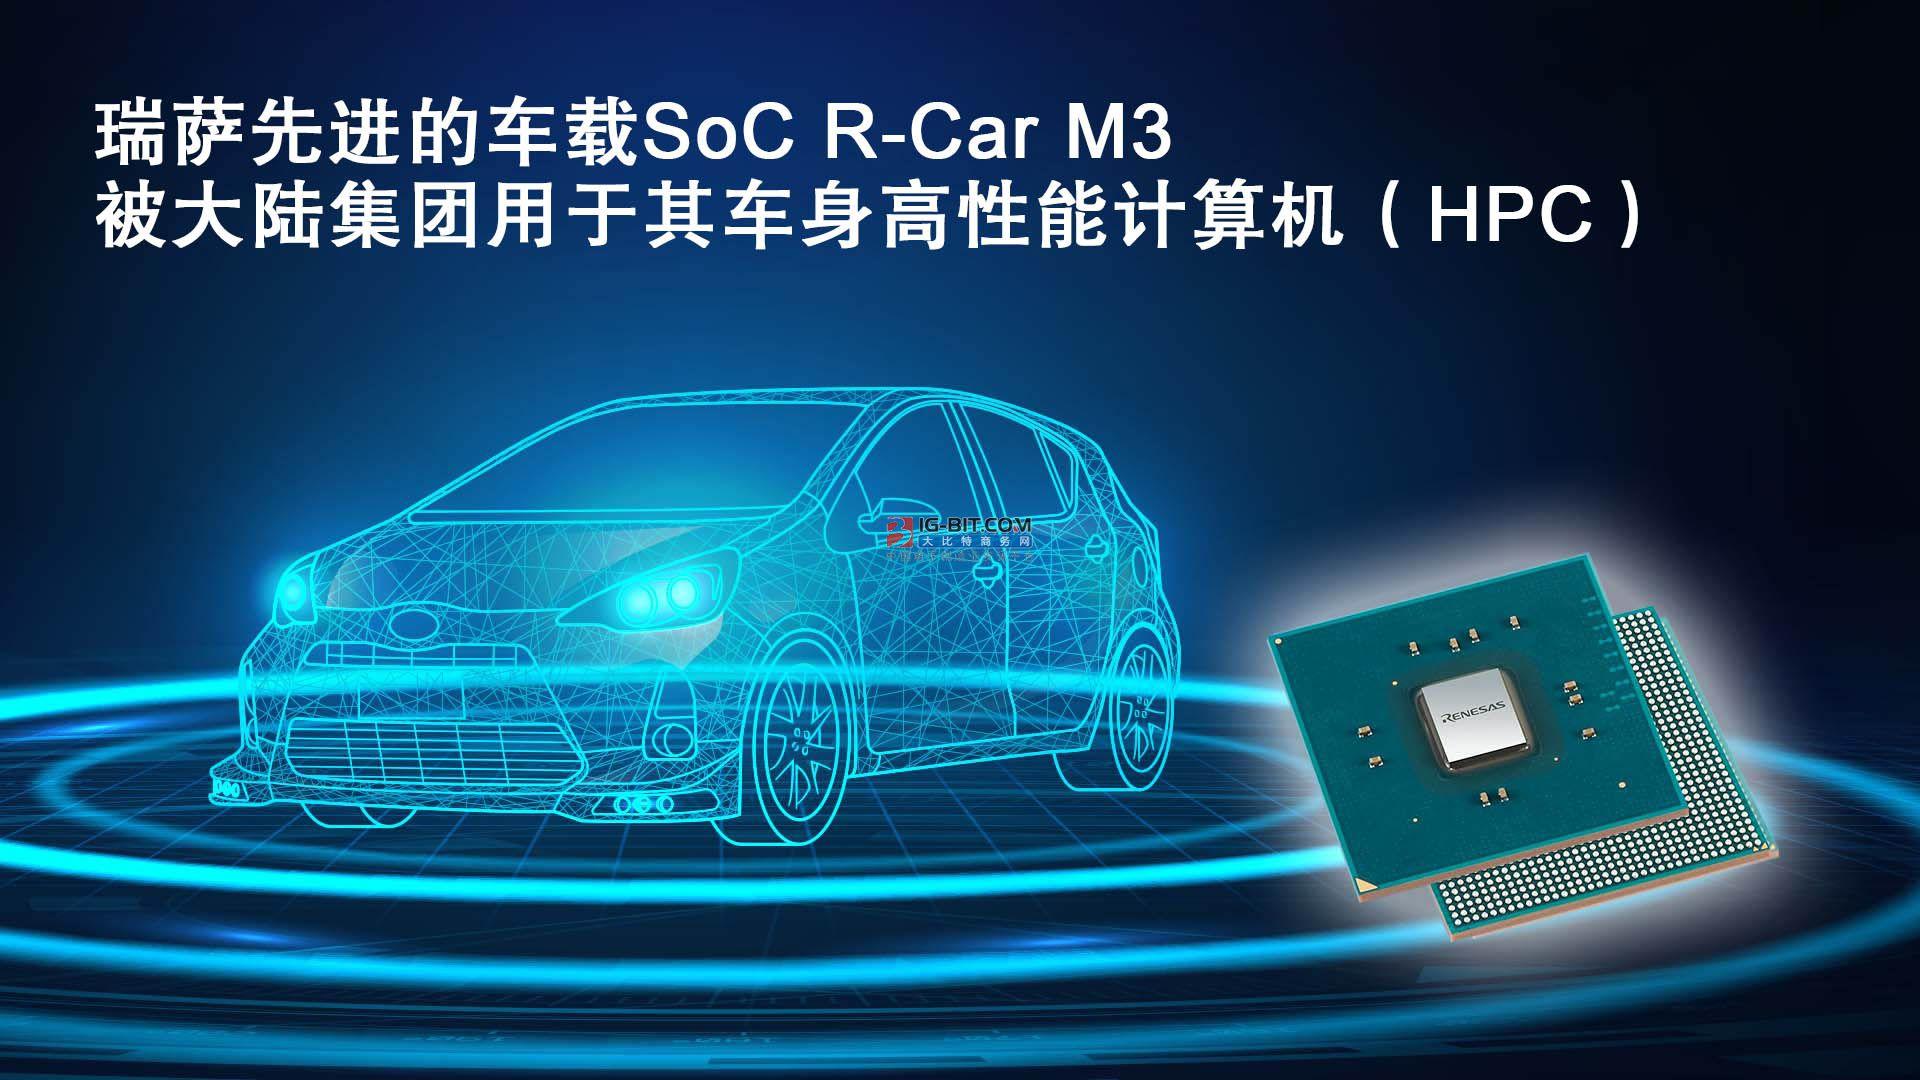 瑞萨电子领先的车载SoC被大陆集团(Continental) 用于其车身高性能计算机